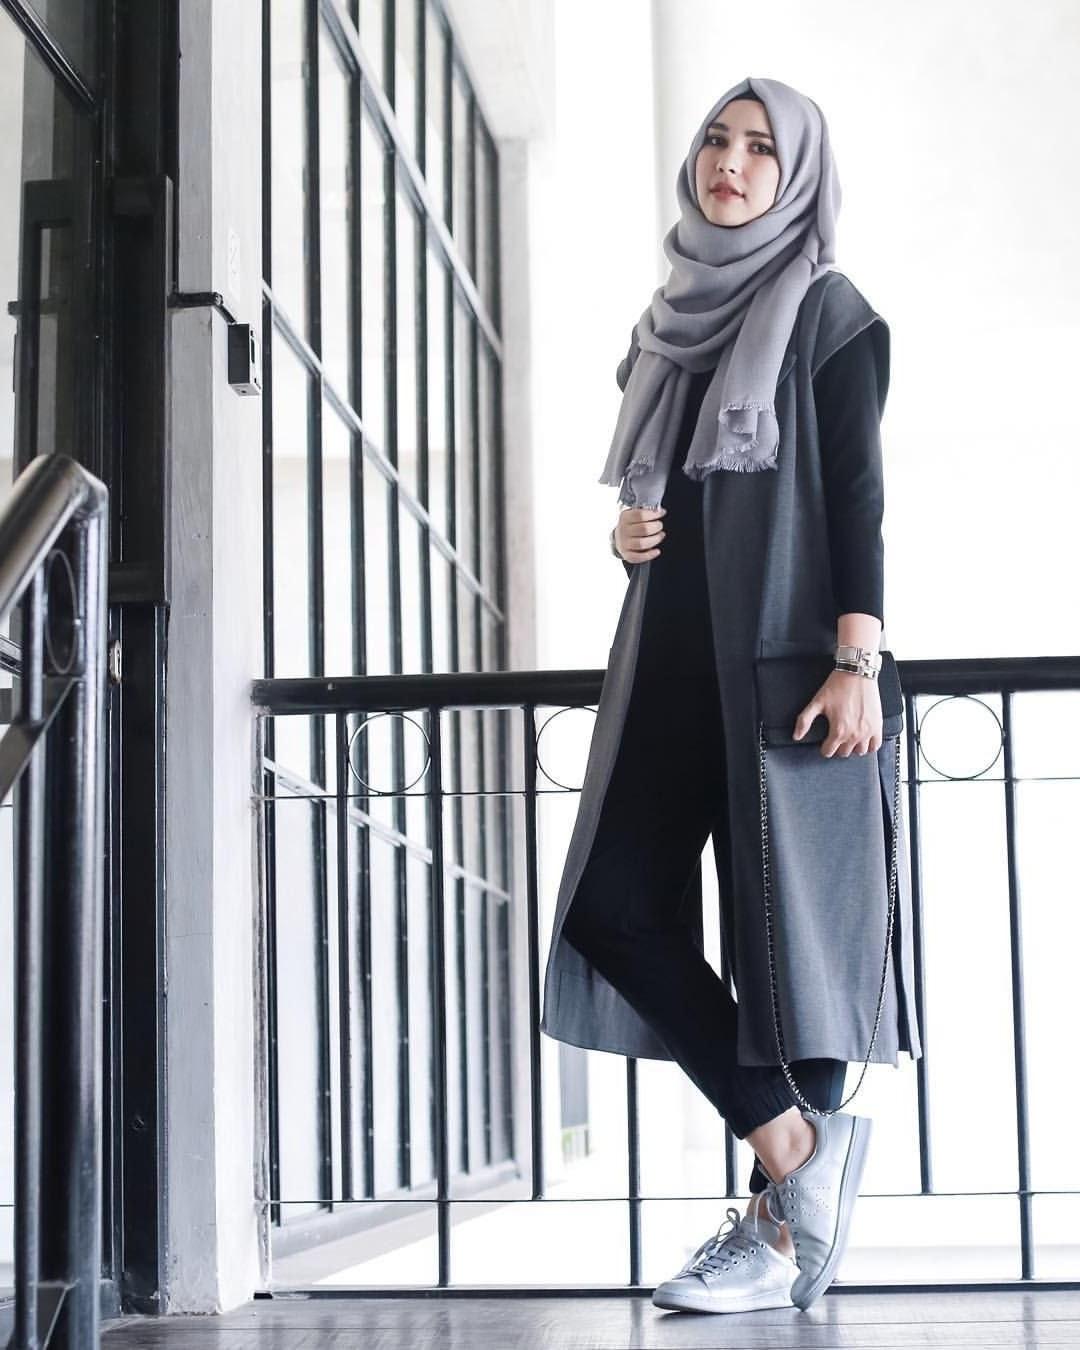 Bentuk Fashion Muslimah Modern Jxdu Muslimah Fashion & Hijab Style